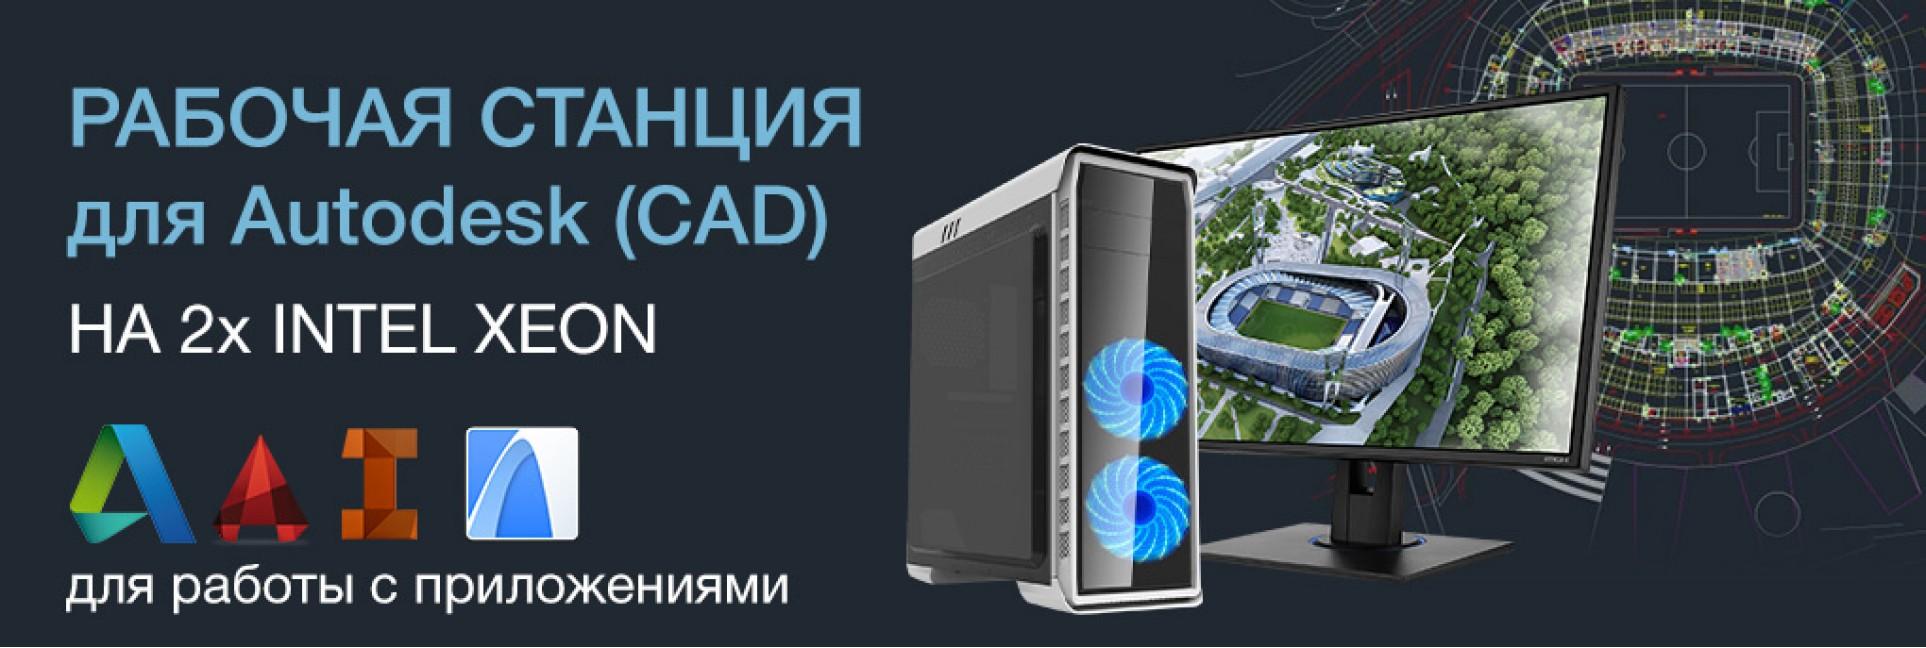 Рабочие станции Autodesk (CAD)